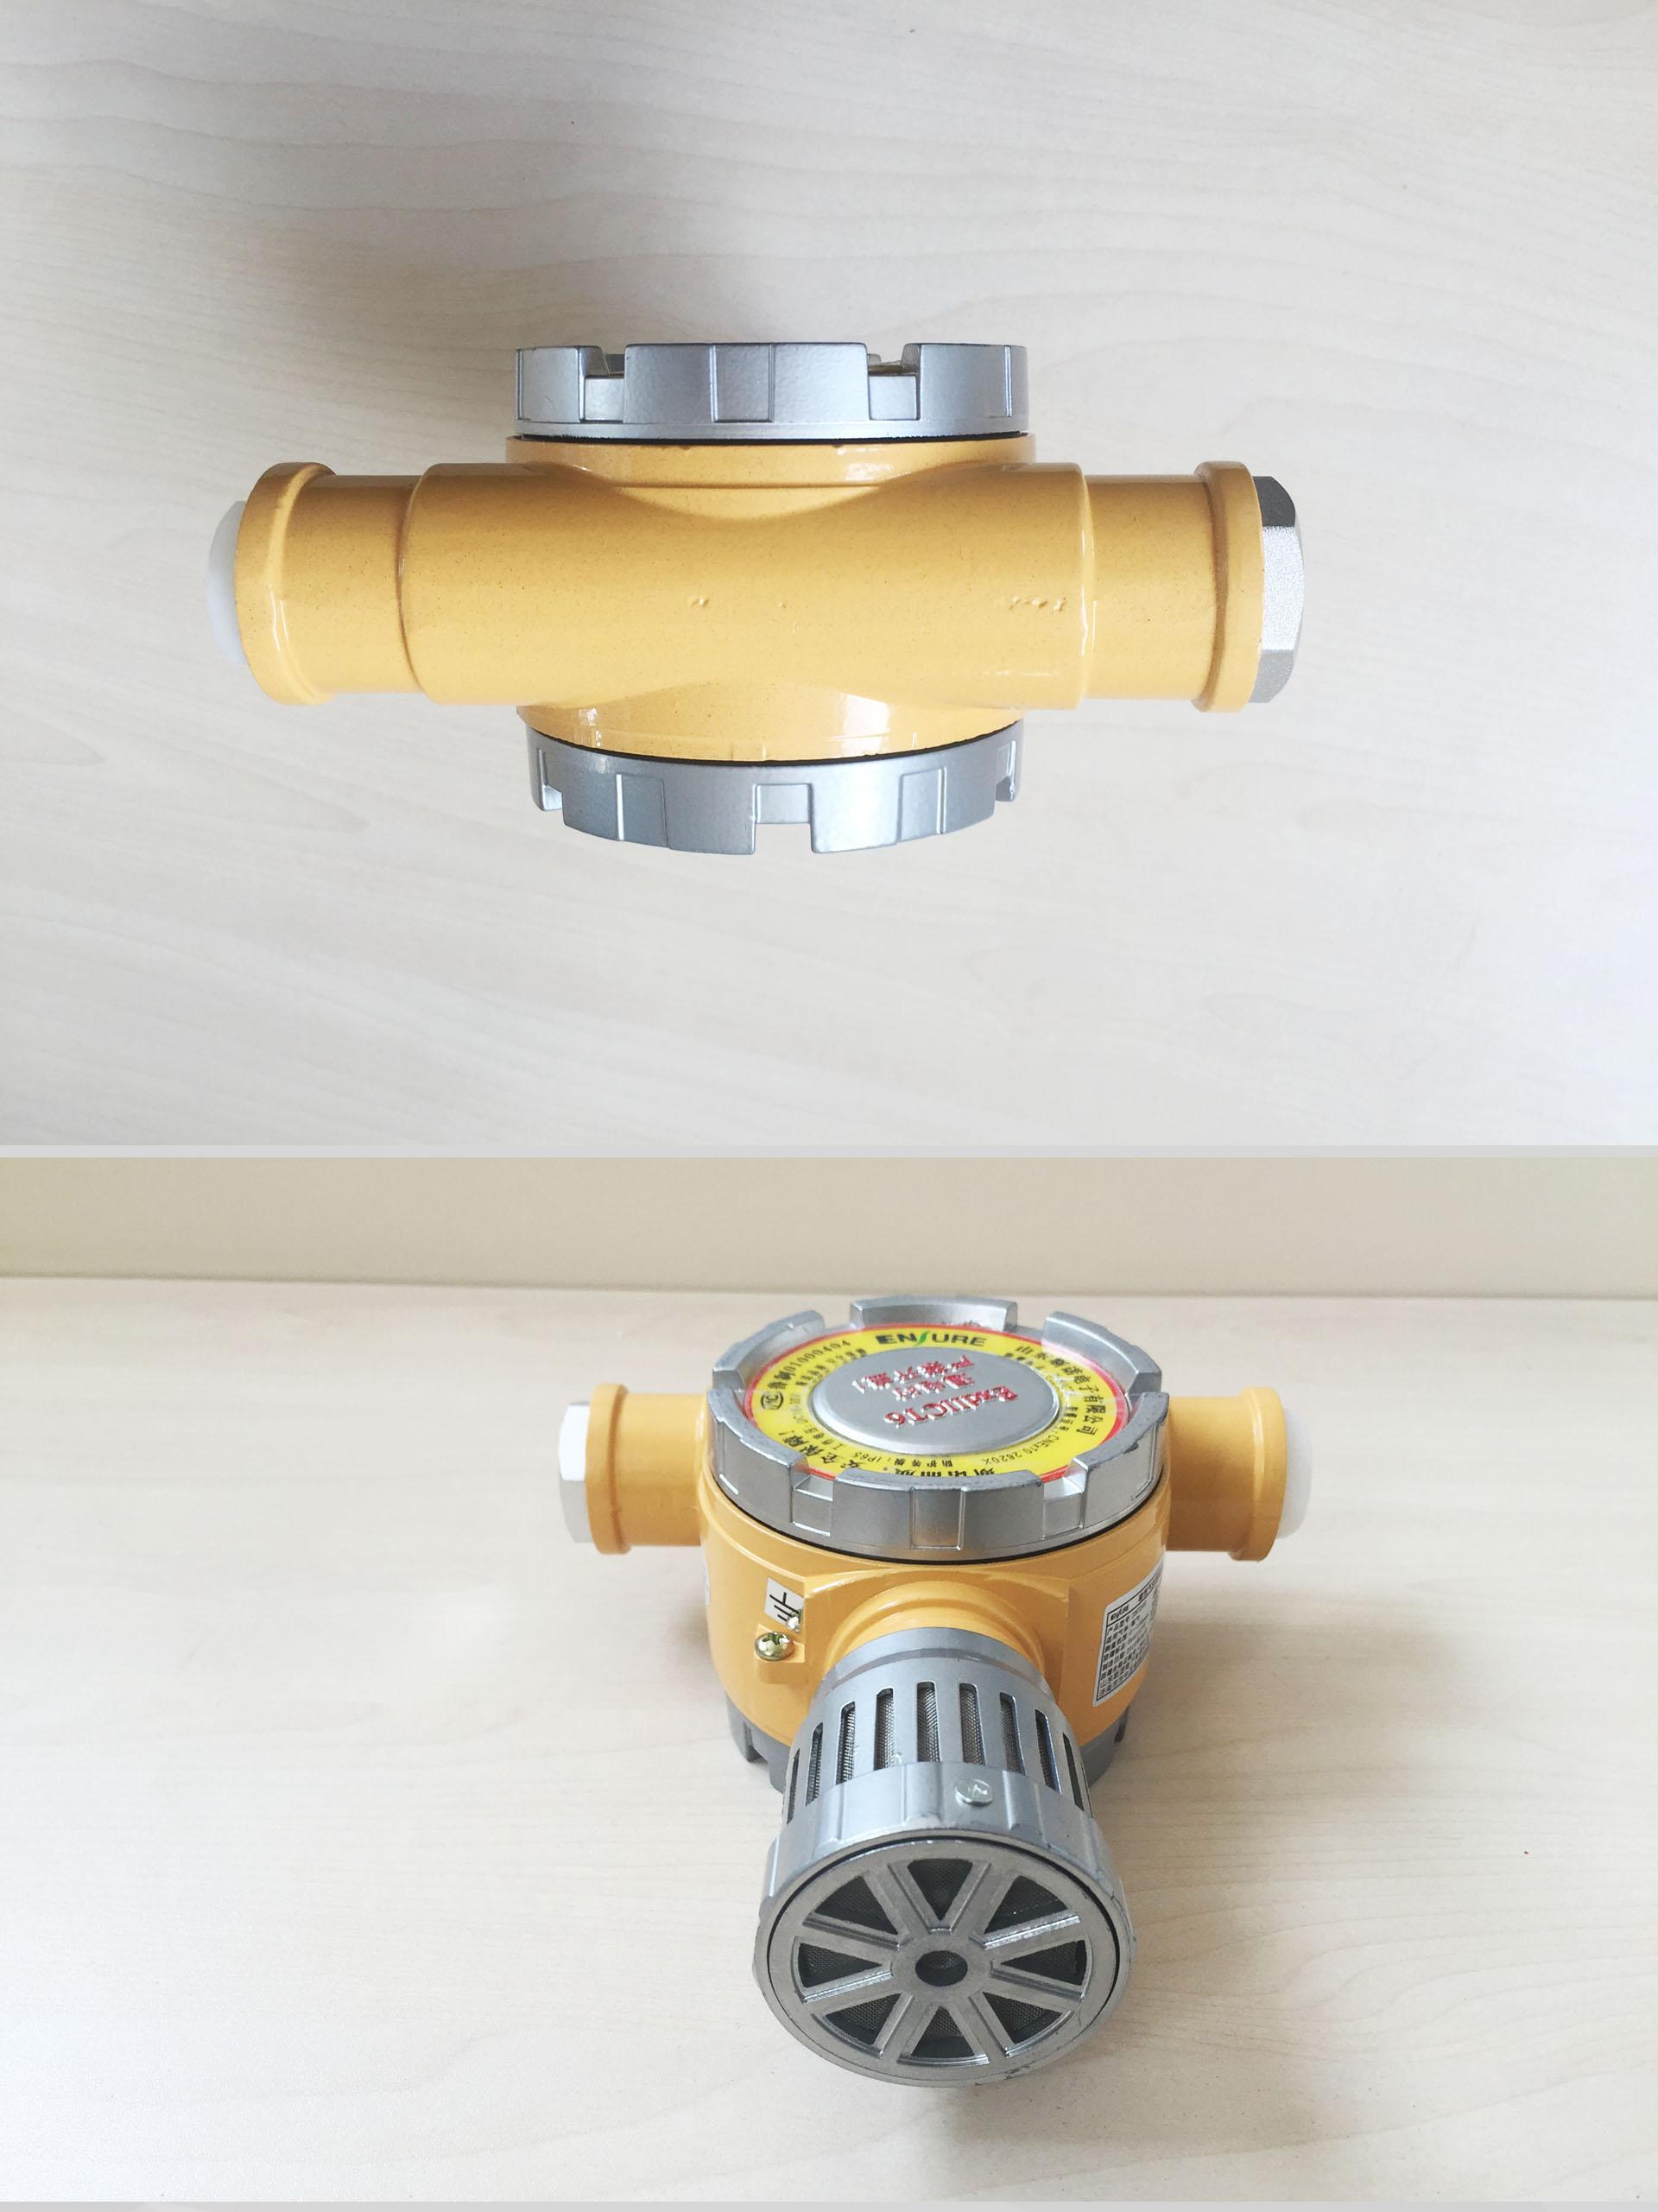 毒性气体探测器(非数显)6.jpg